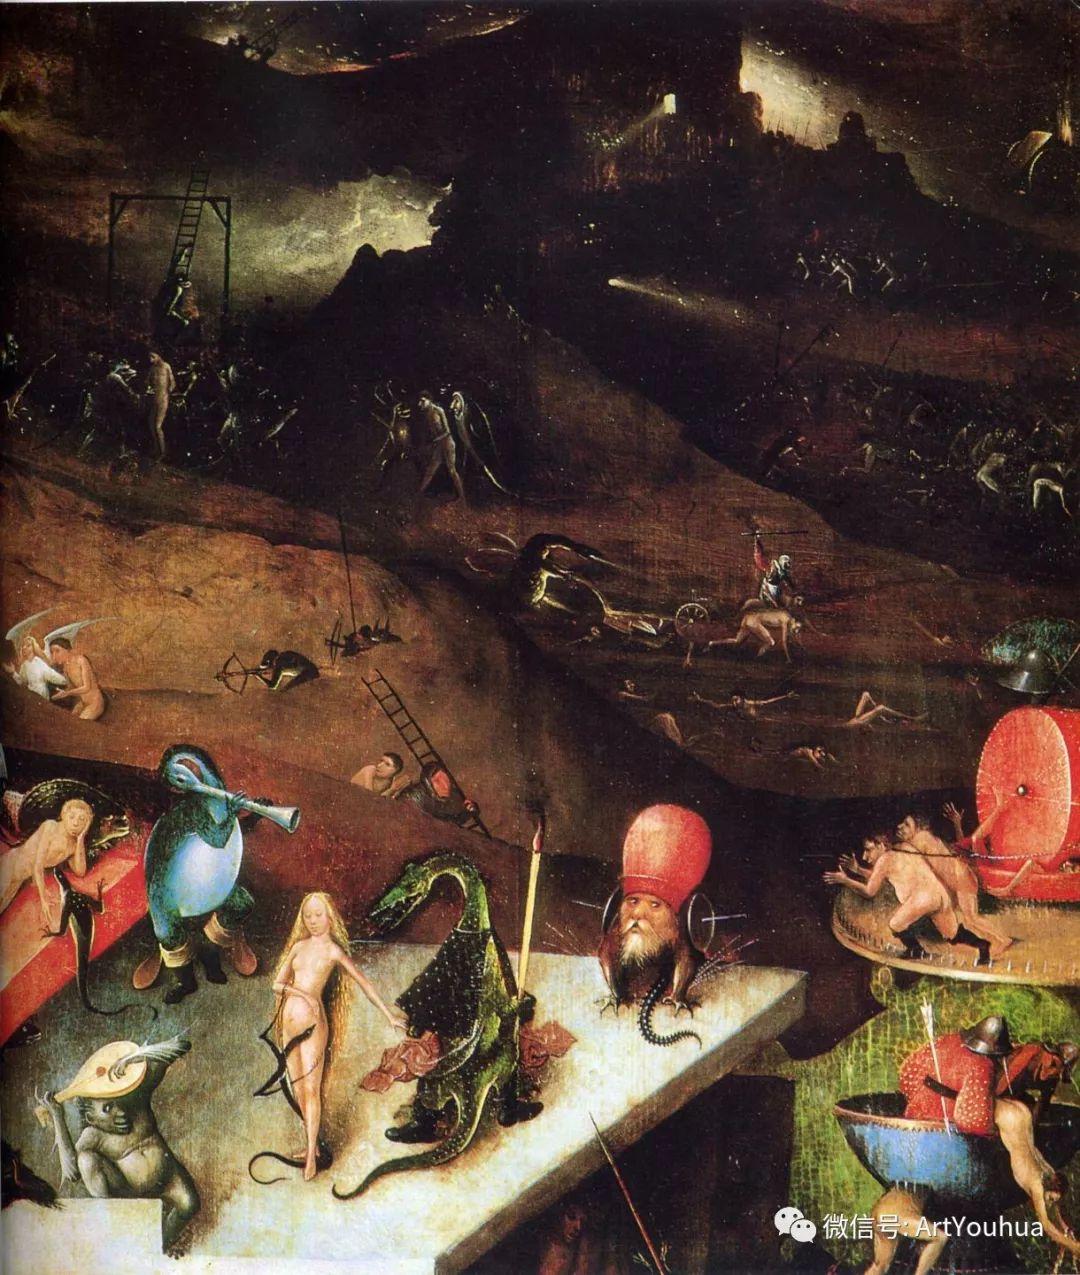 连载No.3 一生要知道的100位世界著名画家之希罗尼穆斯·波希插图10